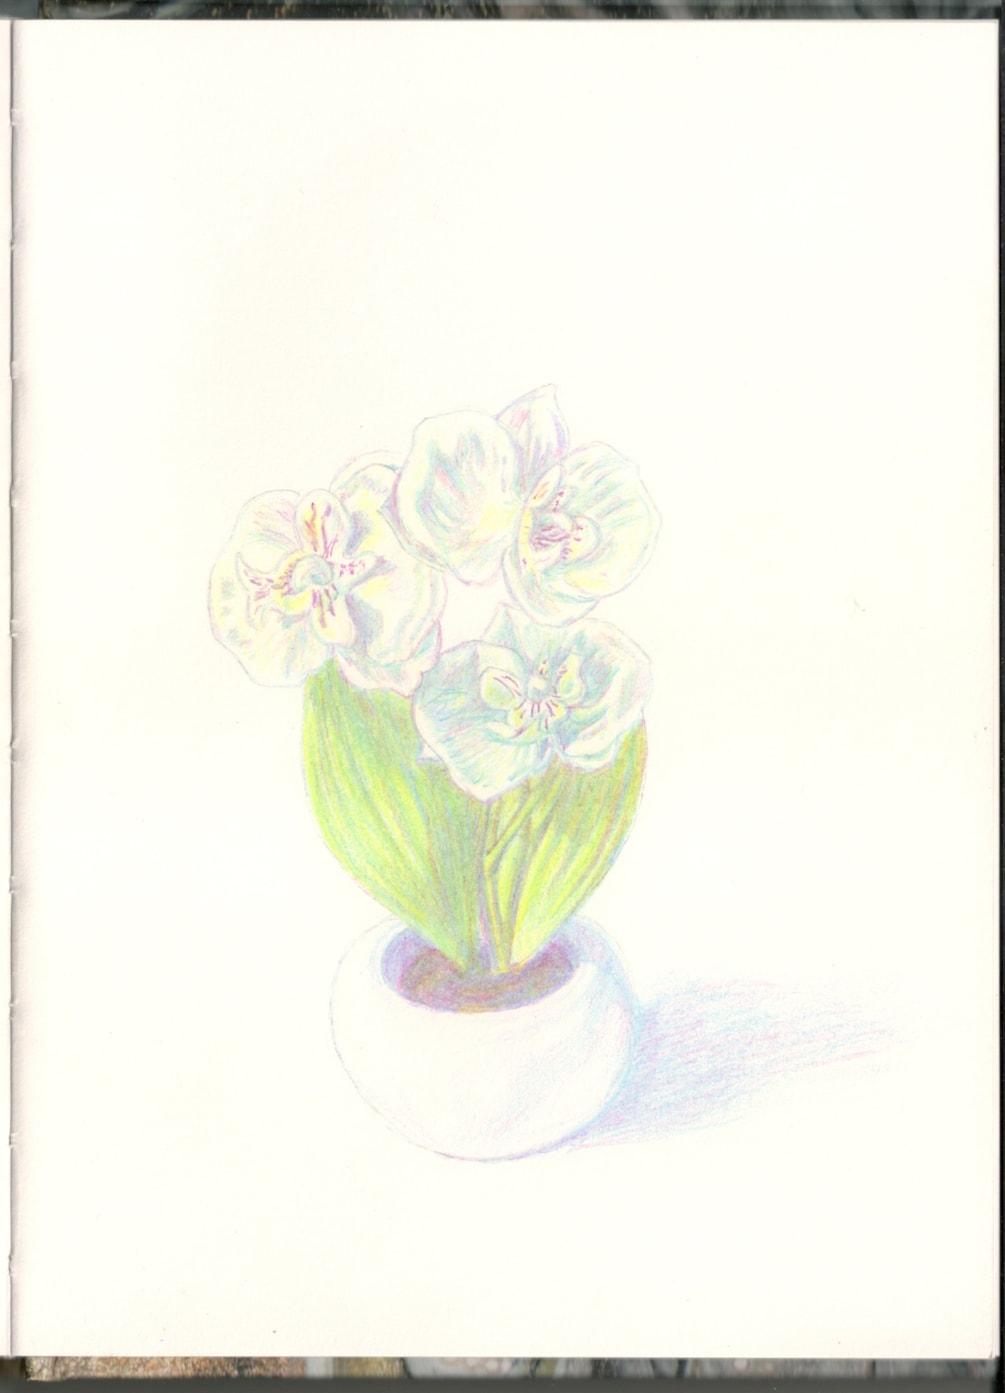 Mini Orchid 2020-08-02